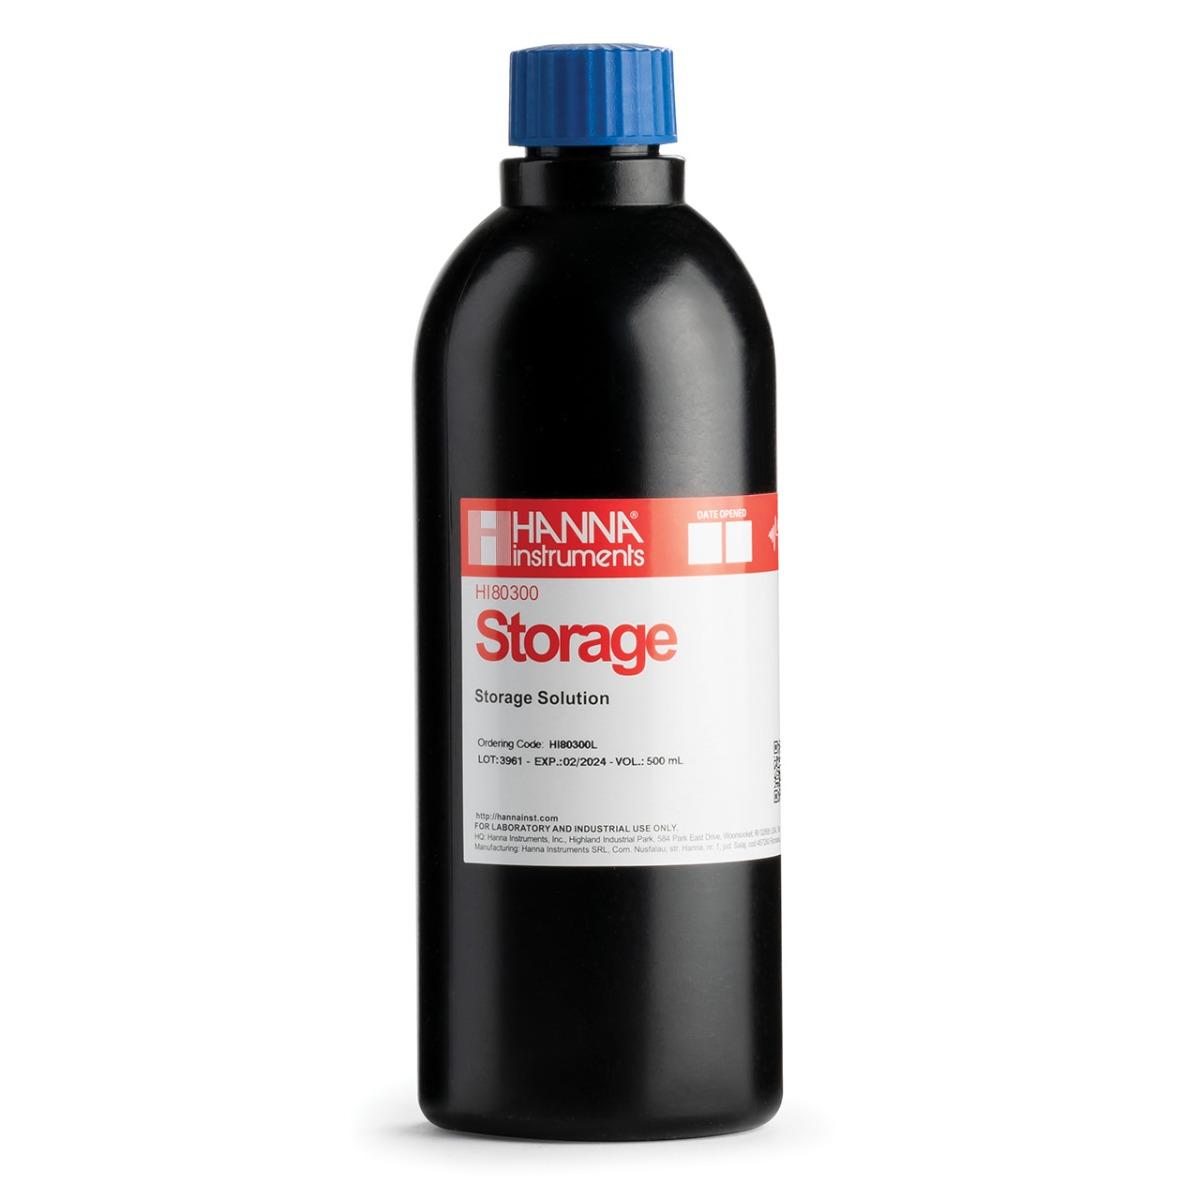 HI80300L Electrode Storage Solution in FDA Bottle (500 mL)